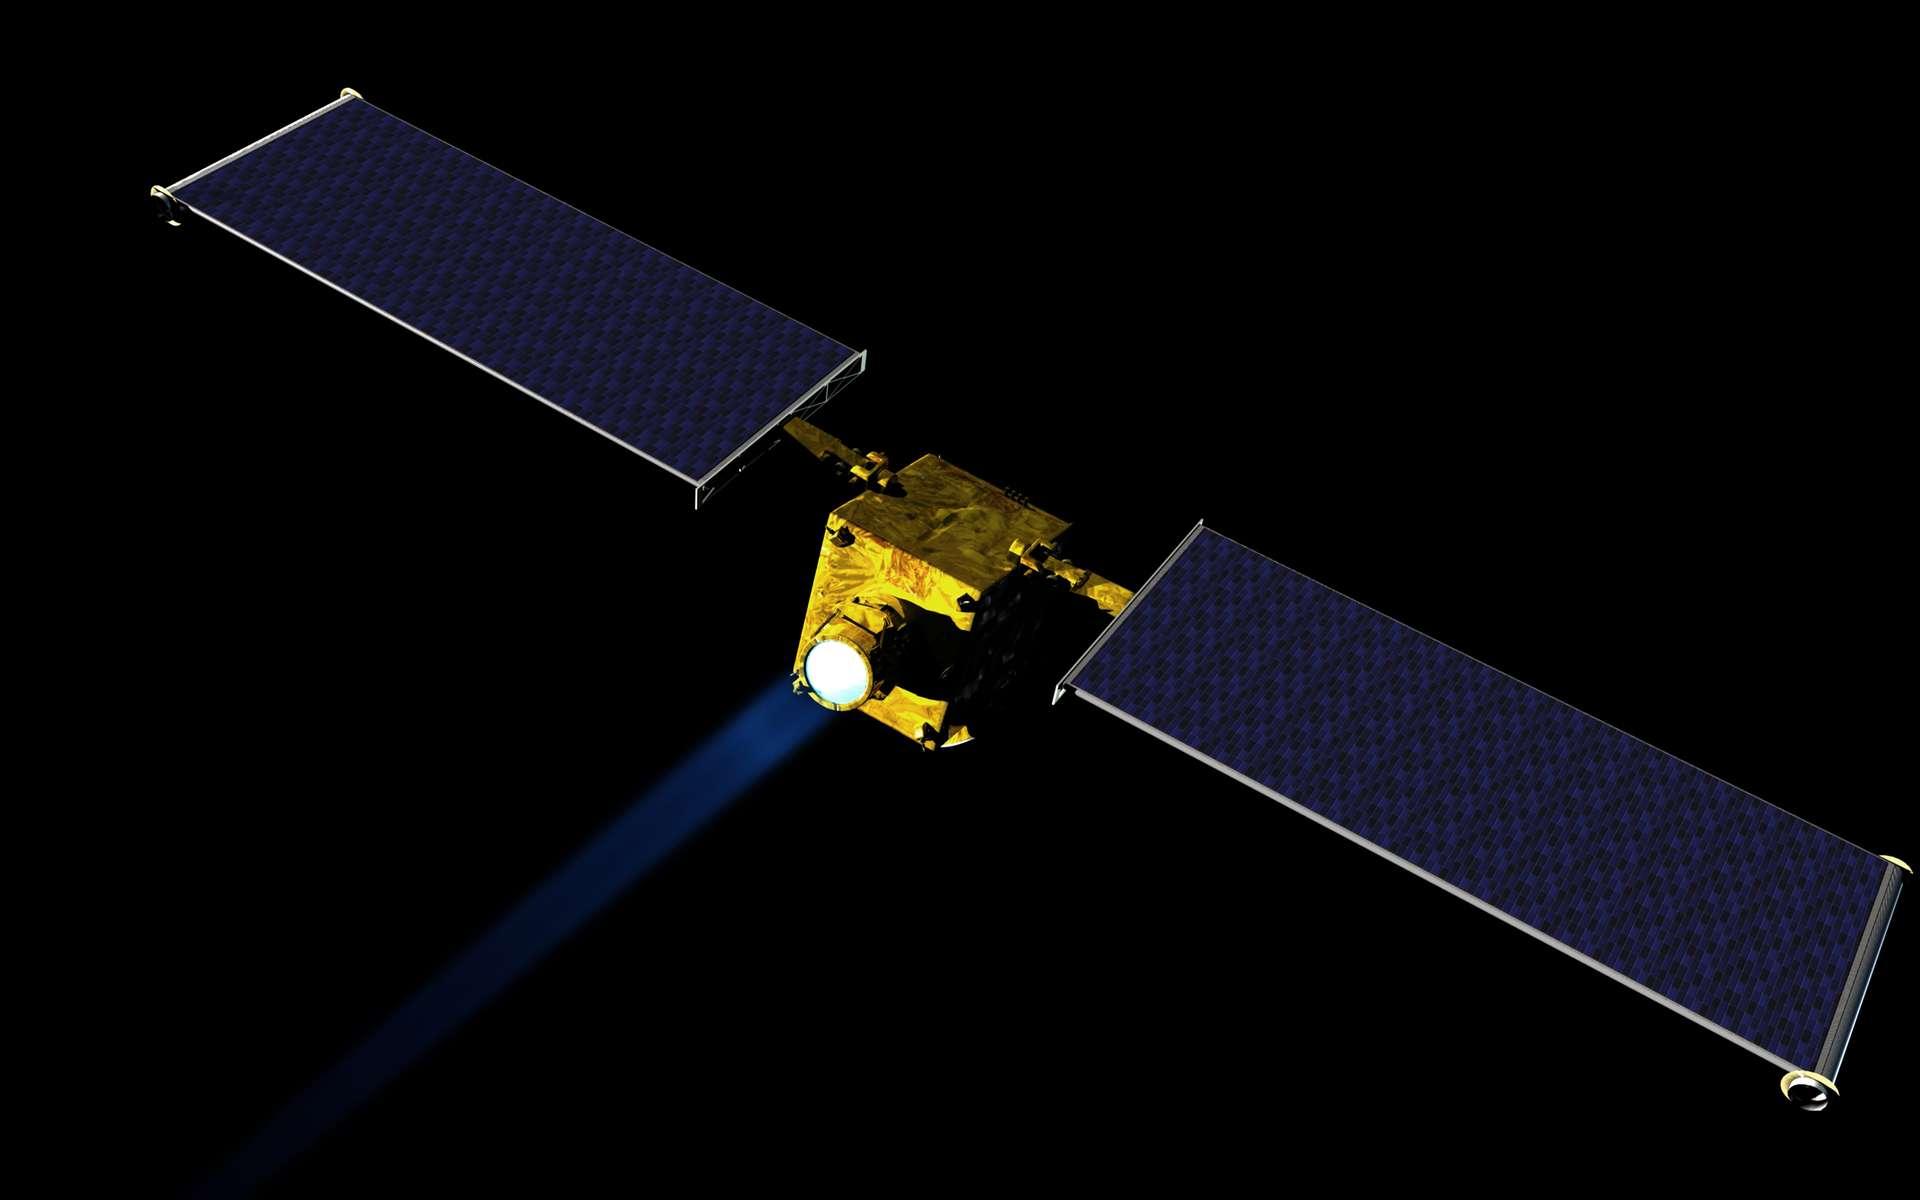 Avec la mission Dart, la Nasa veut dévier un astéroïde. Ici, une étude conceptuelle du vaisseau Dart (Double Asteroid Redirection Test). © Nasa, JHUAPL